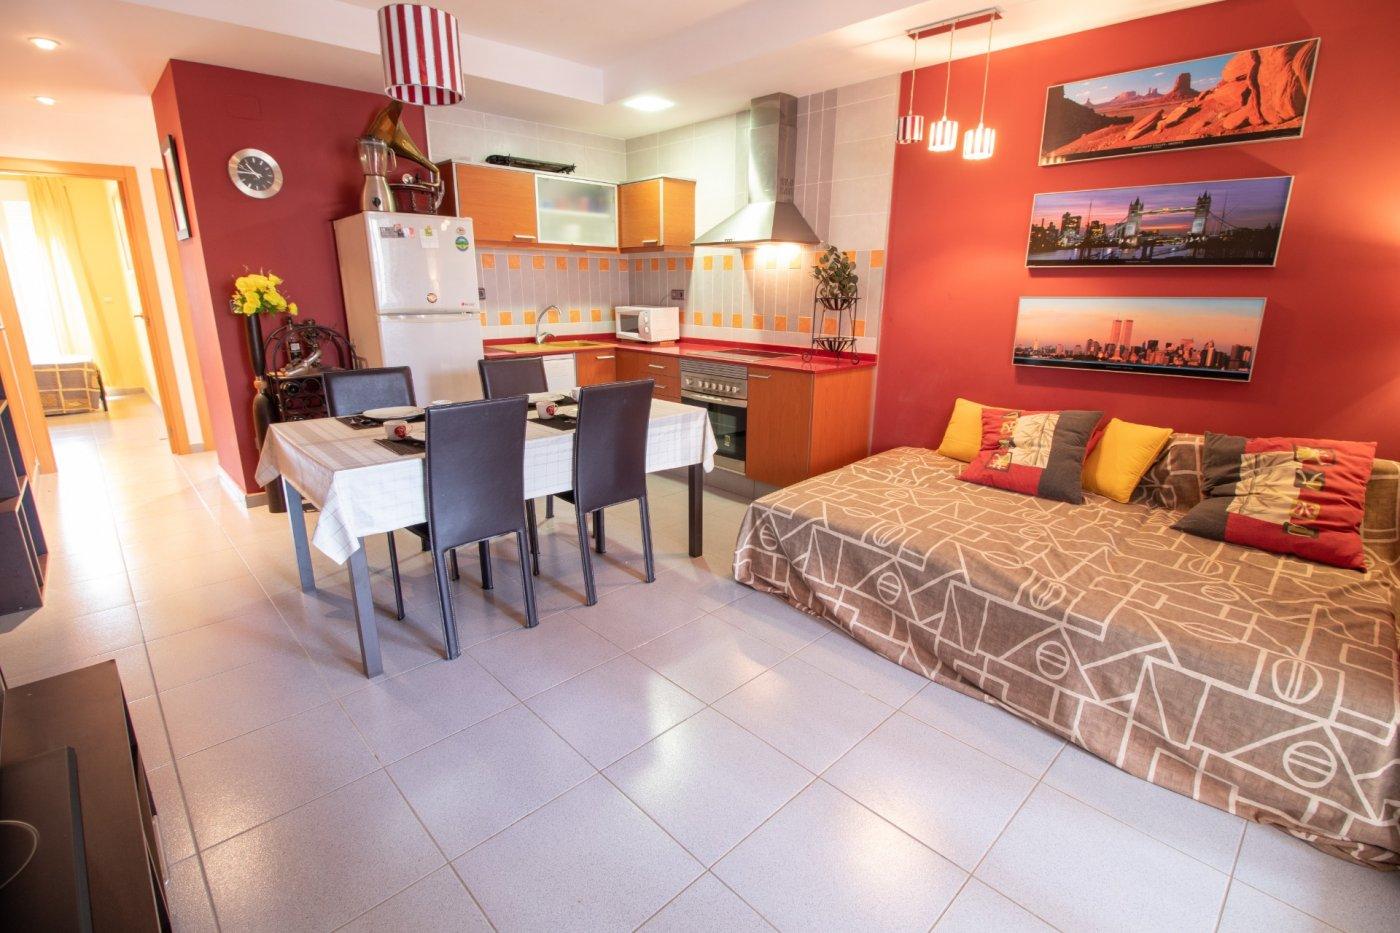 Apartamento en alquiler en Moncofa, Moncofar